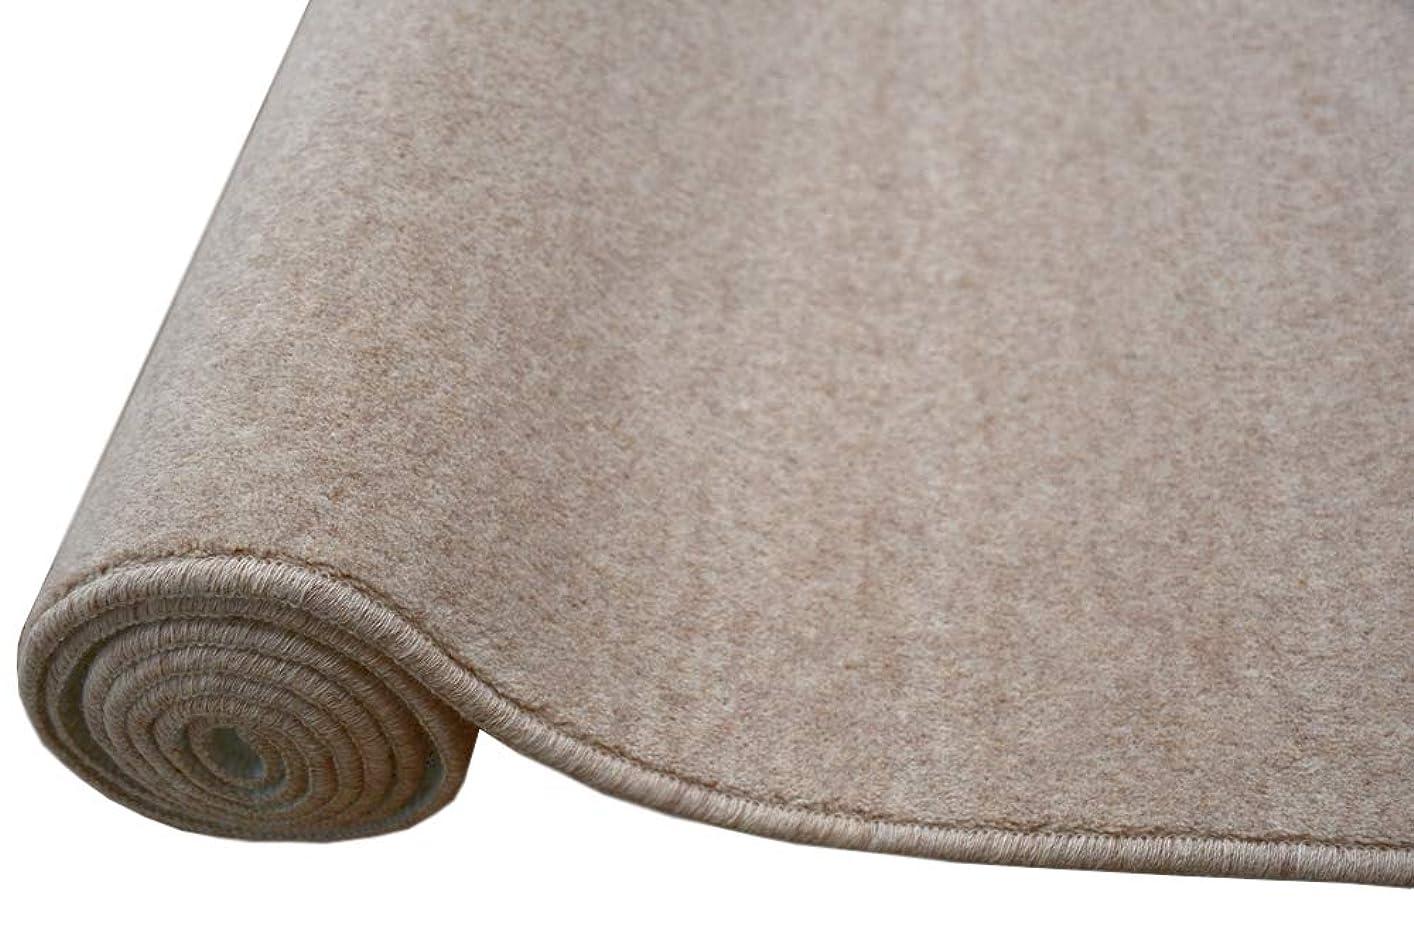 レコーダーセマフォアコード3畳 カーペット ウール 絨毯 じゅうたん 防炎 防音 3帖 【W-500】 サイズ176×261cm ベージュ色